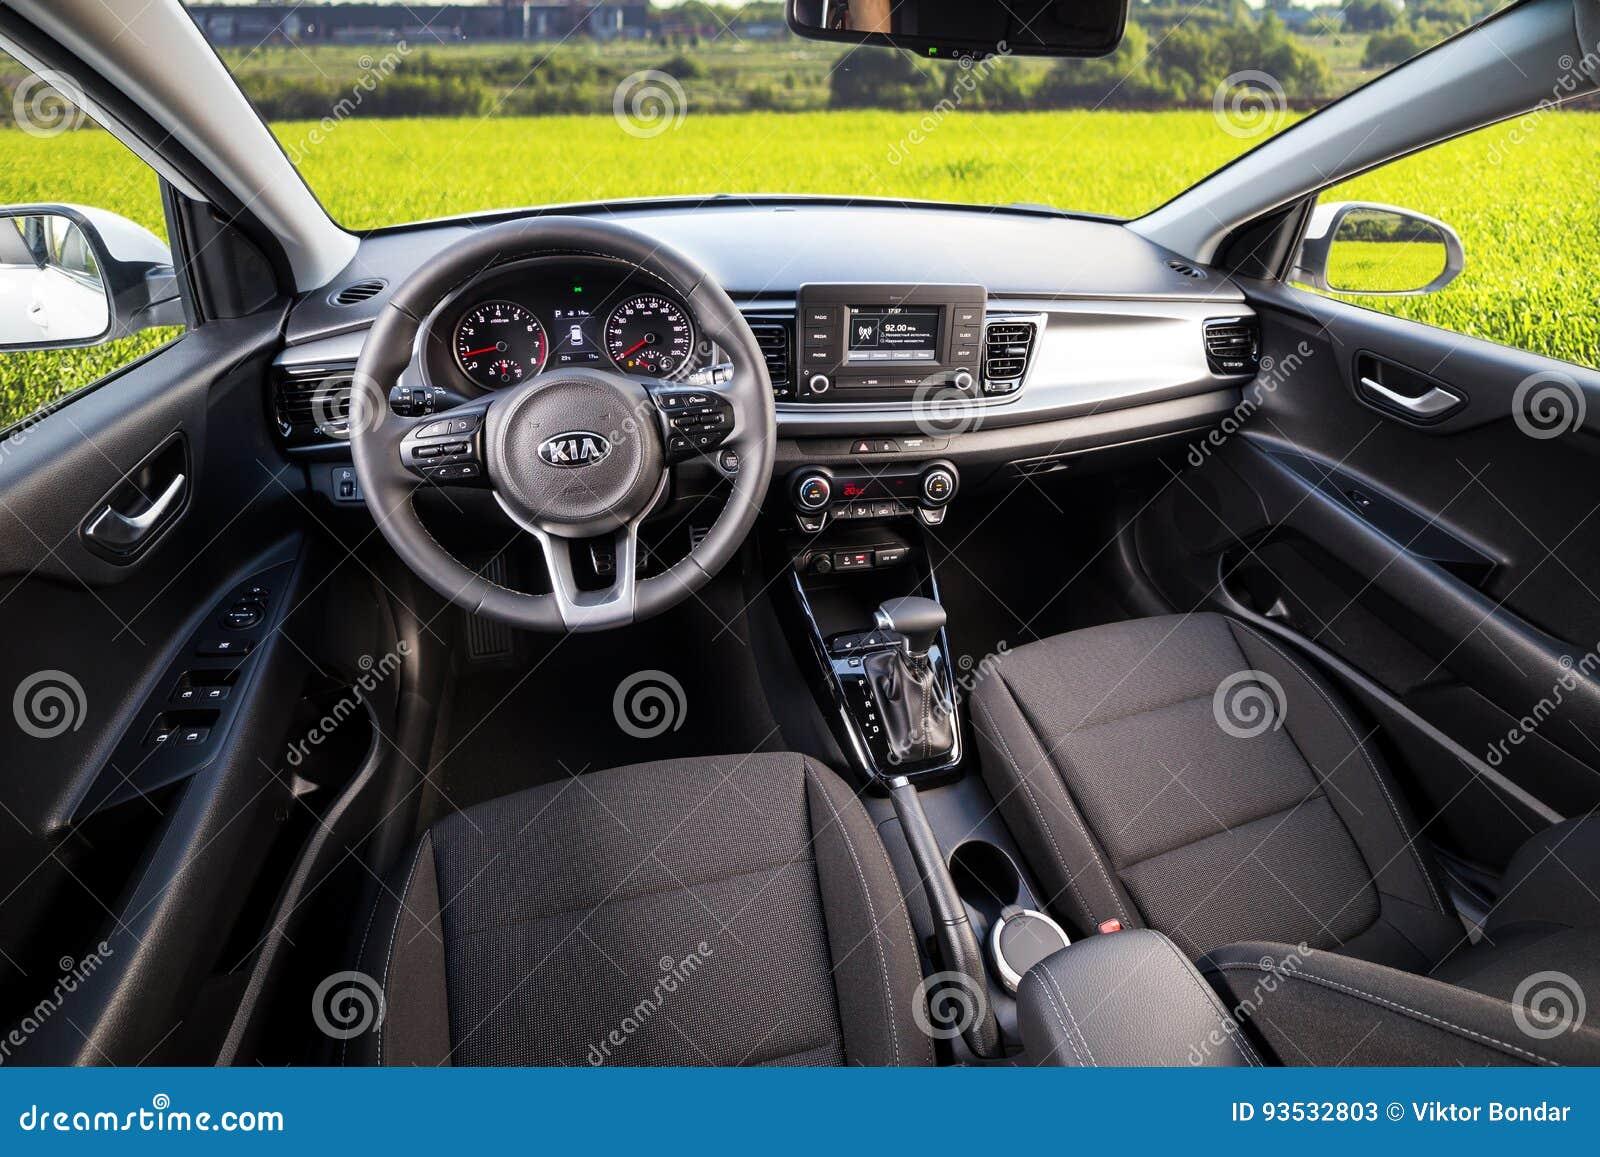 vinnitsa ukraine 19 mai 2017 voiture de concept de kia rio l 39 int rieur du photo stock. Black Bedroom Furniture Sets. Home Design Ideas